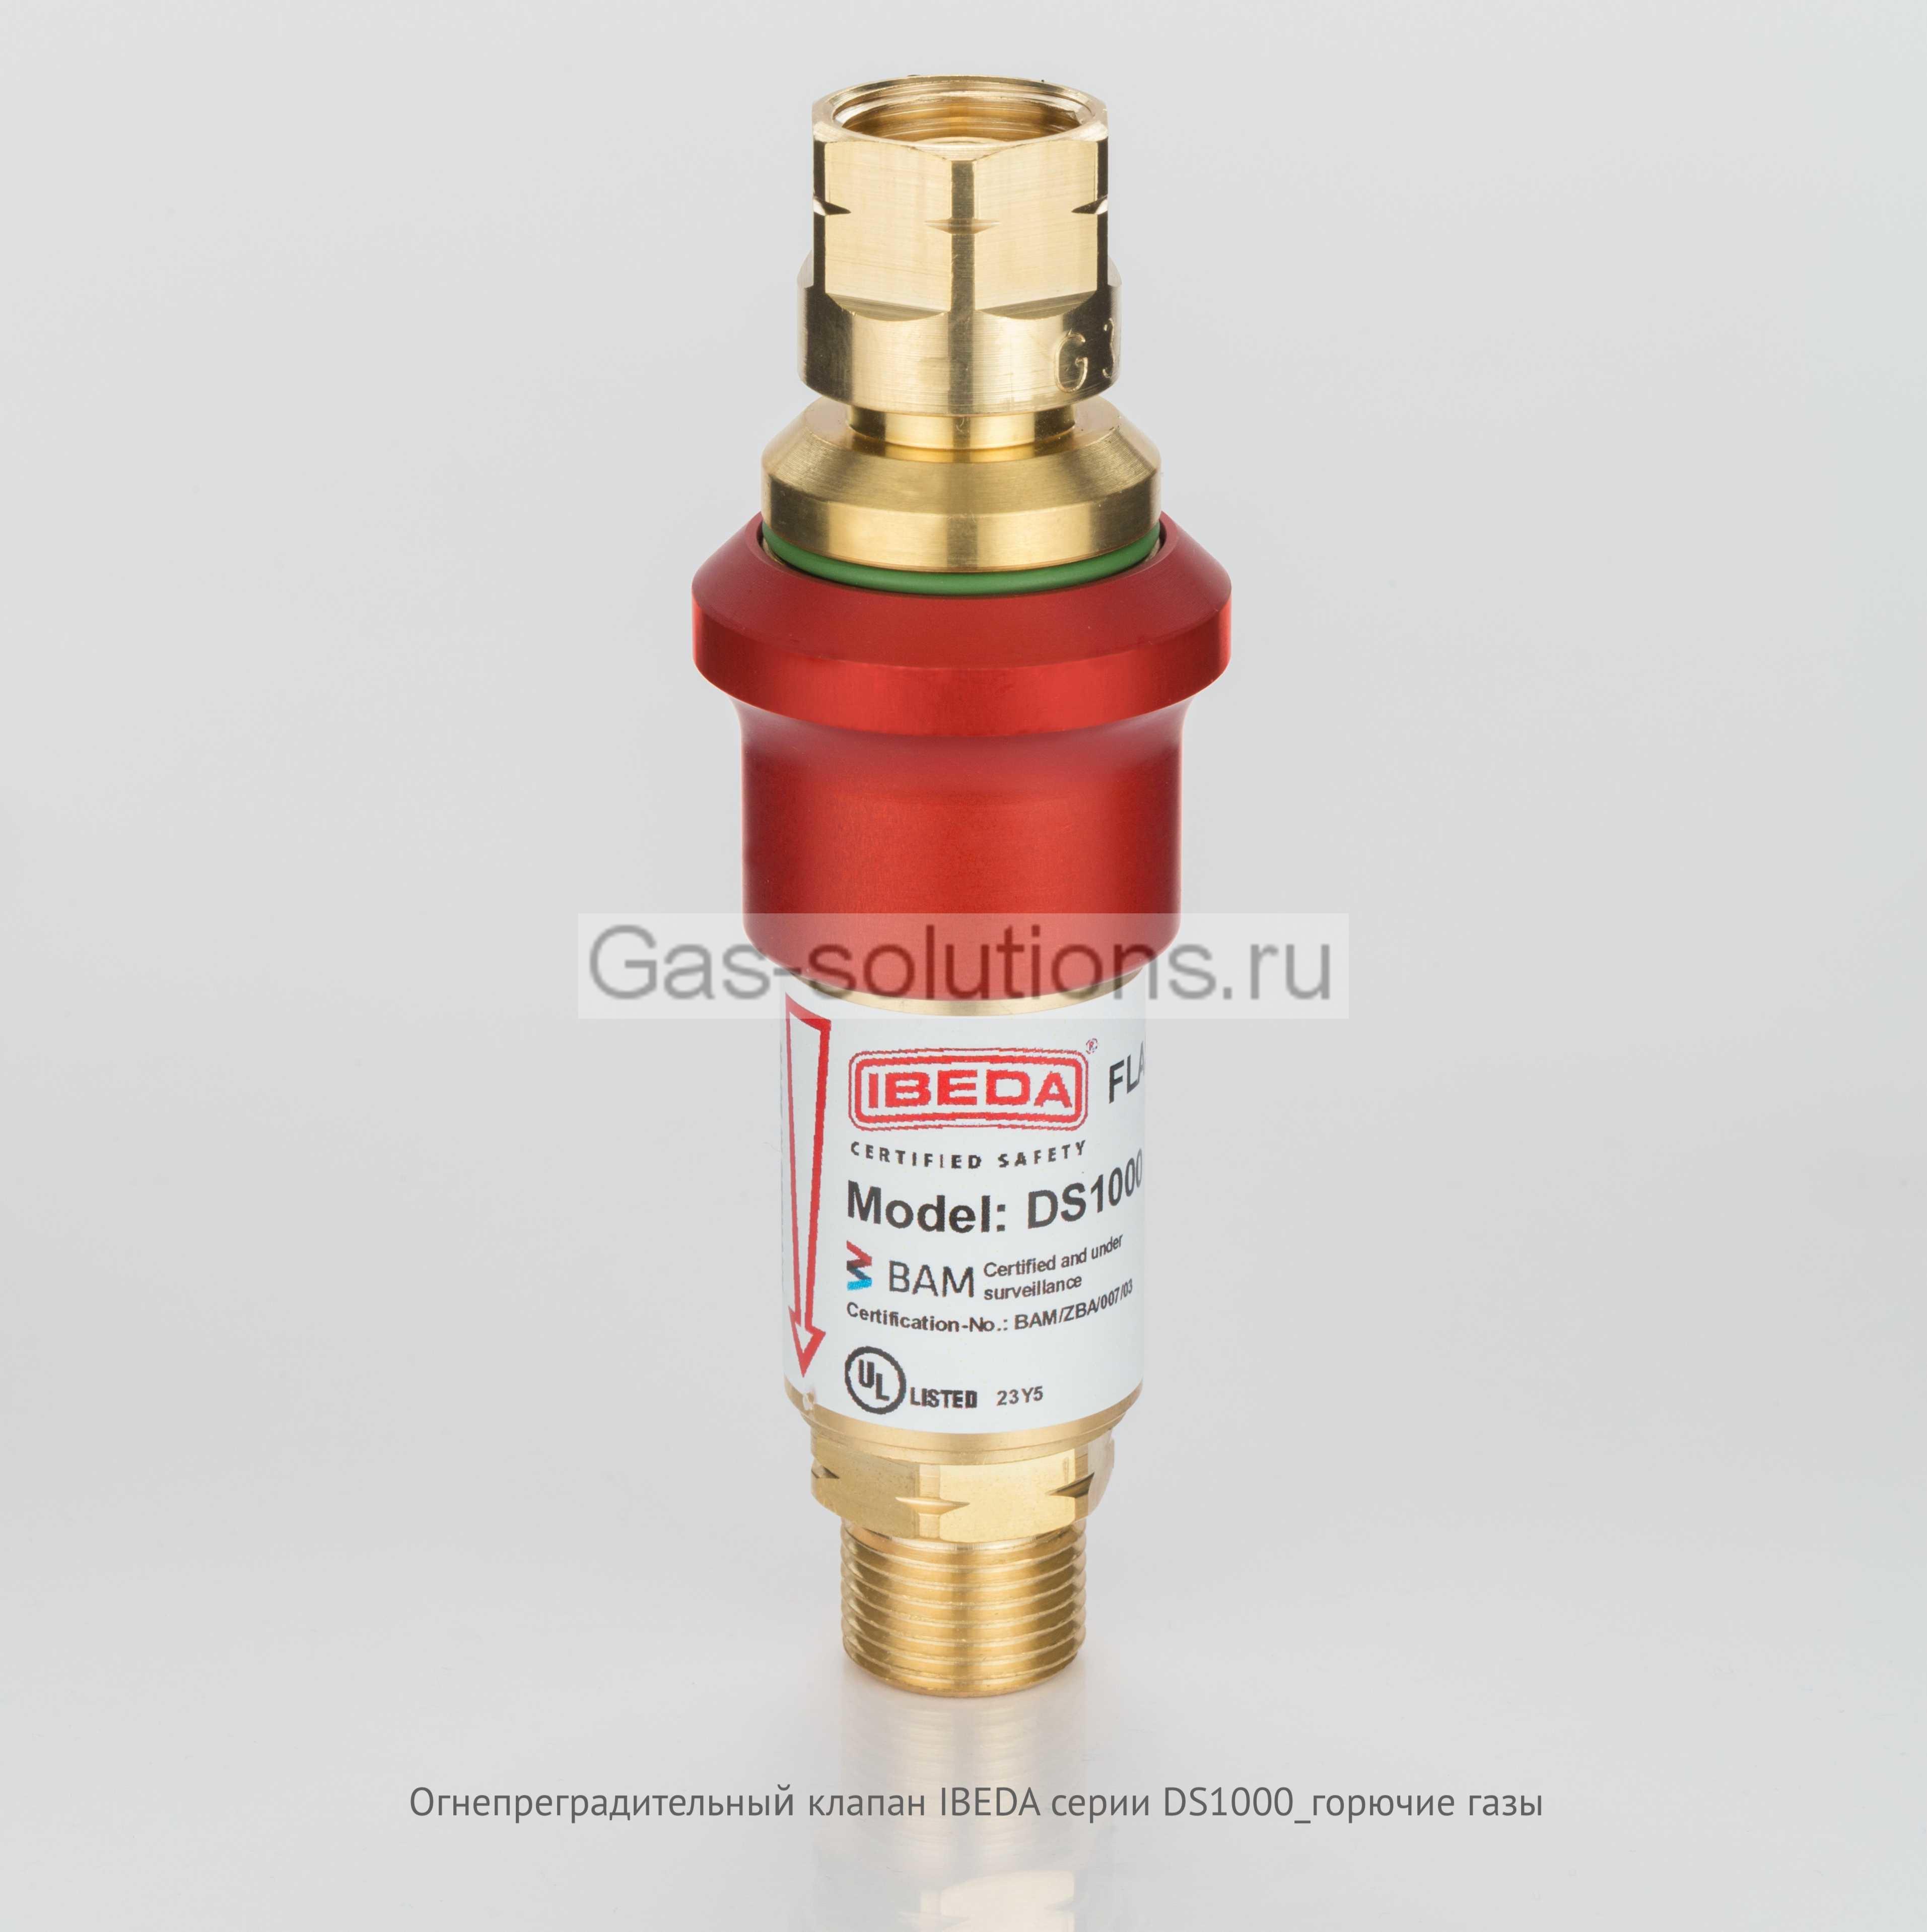 Огнепреградительный клапан IBEDA серии DS1000_горючие газы